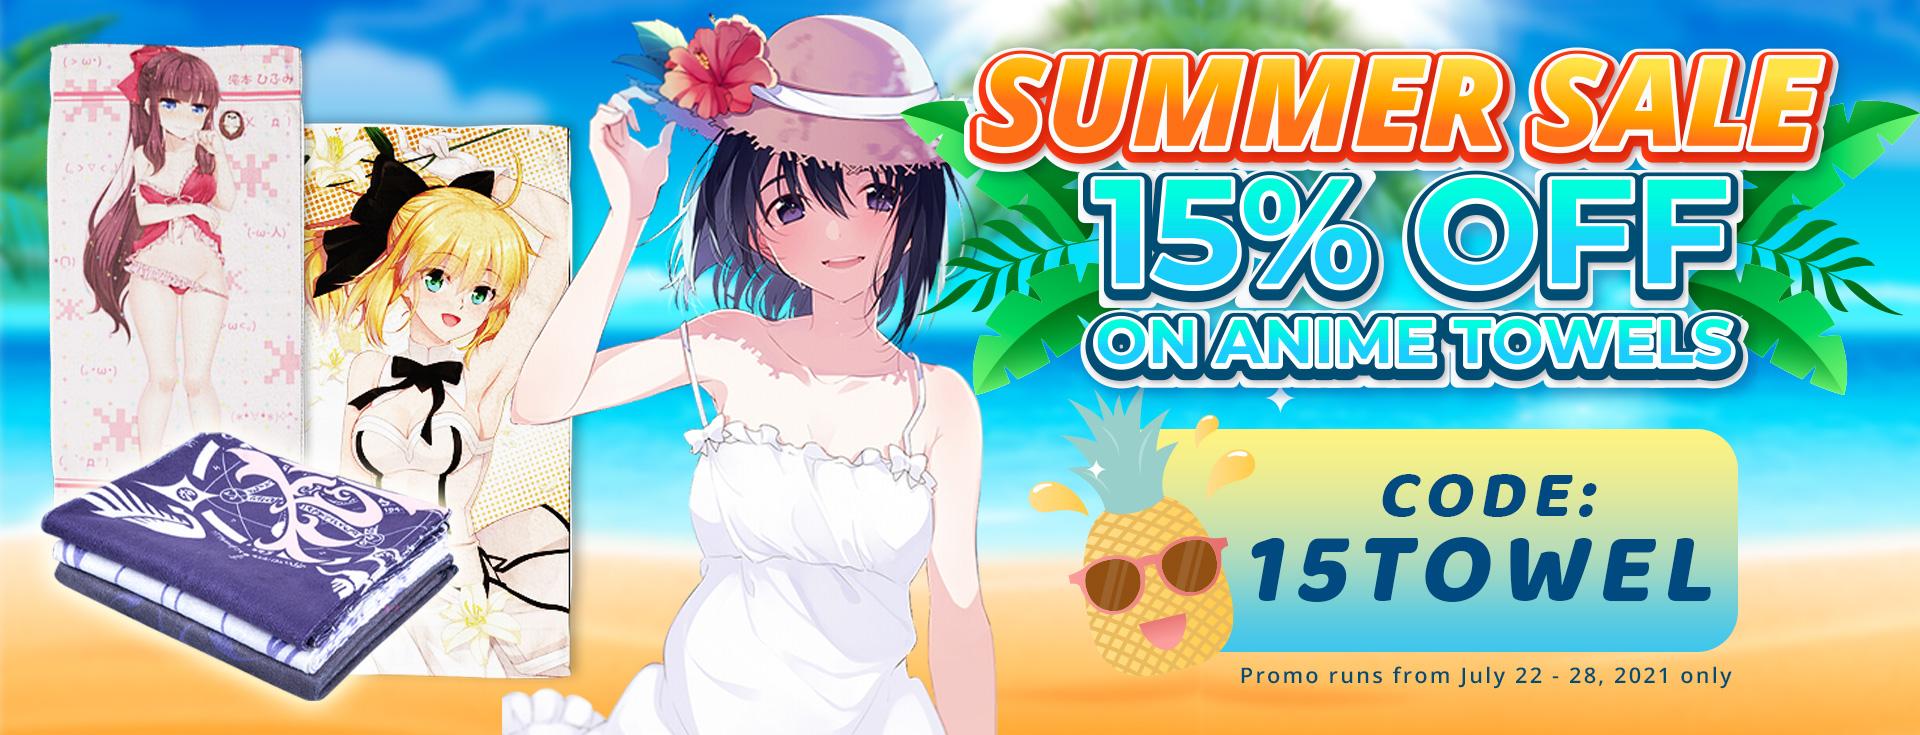 SUMMER MEGA SALE 20% OFF!